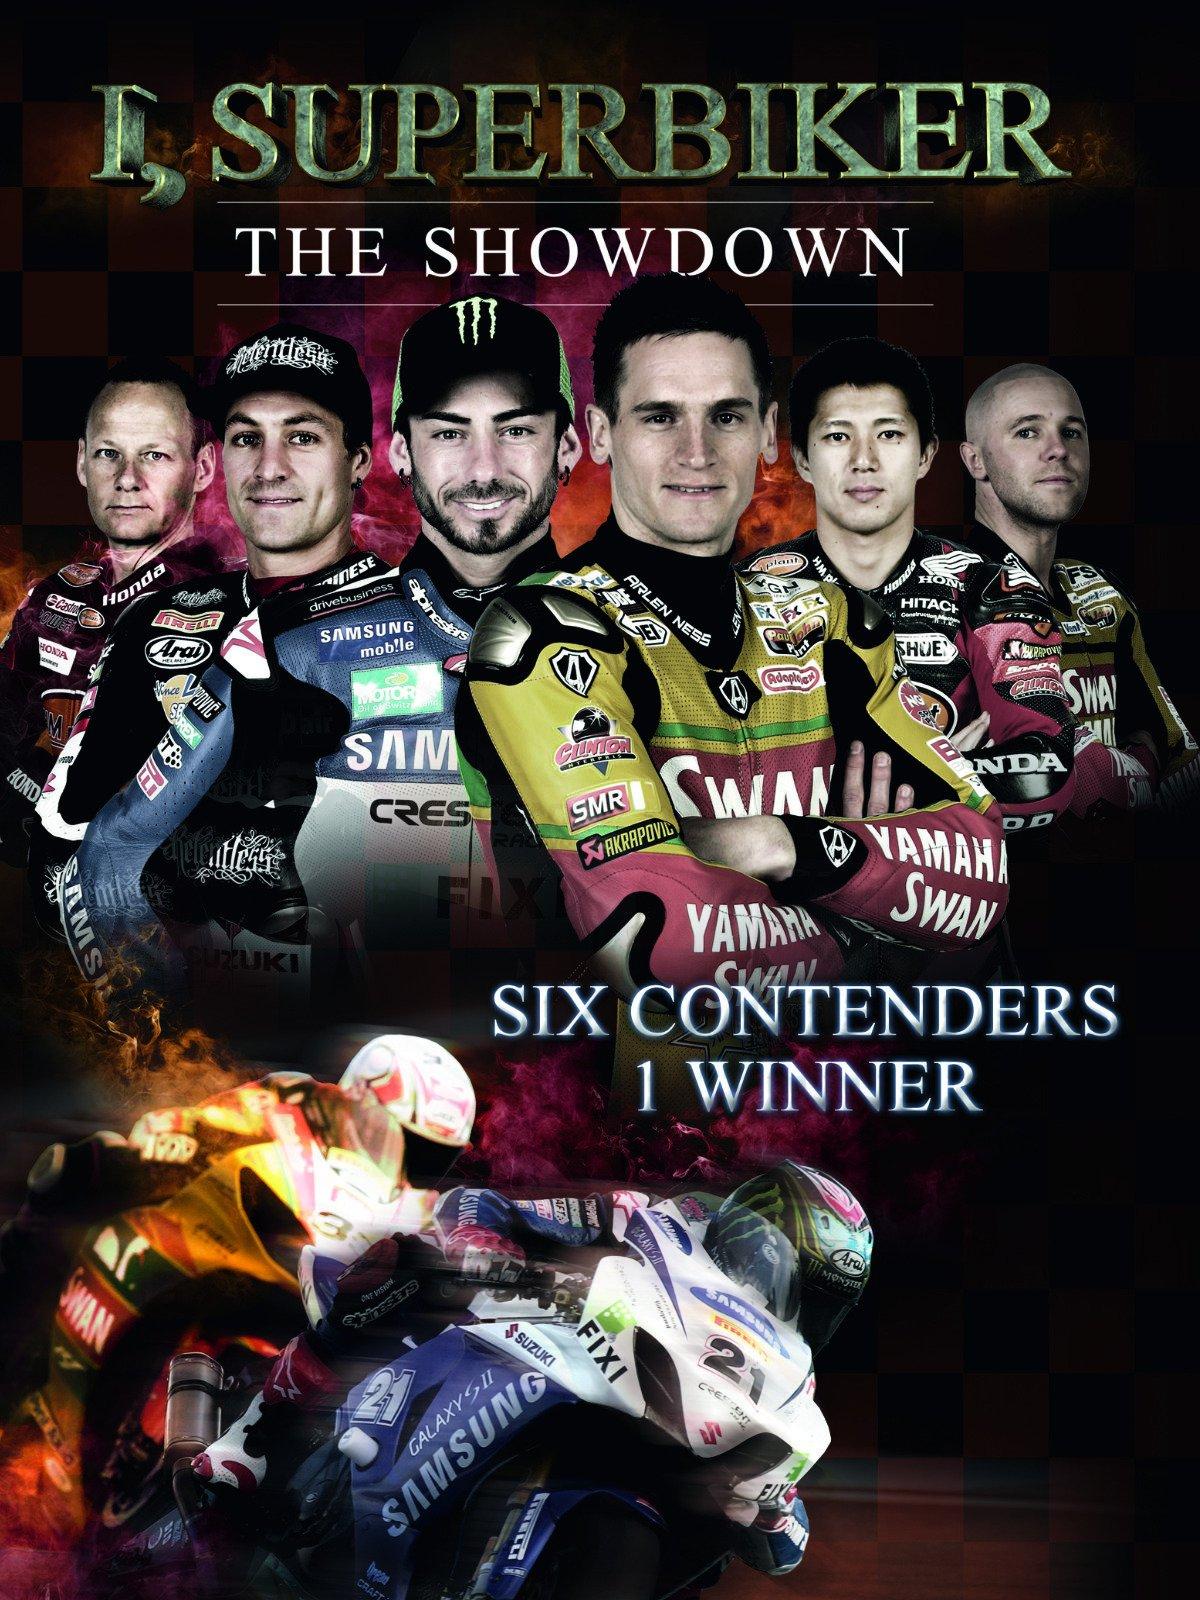 I Superbiker 2 - The Showdown